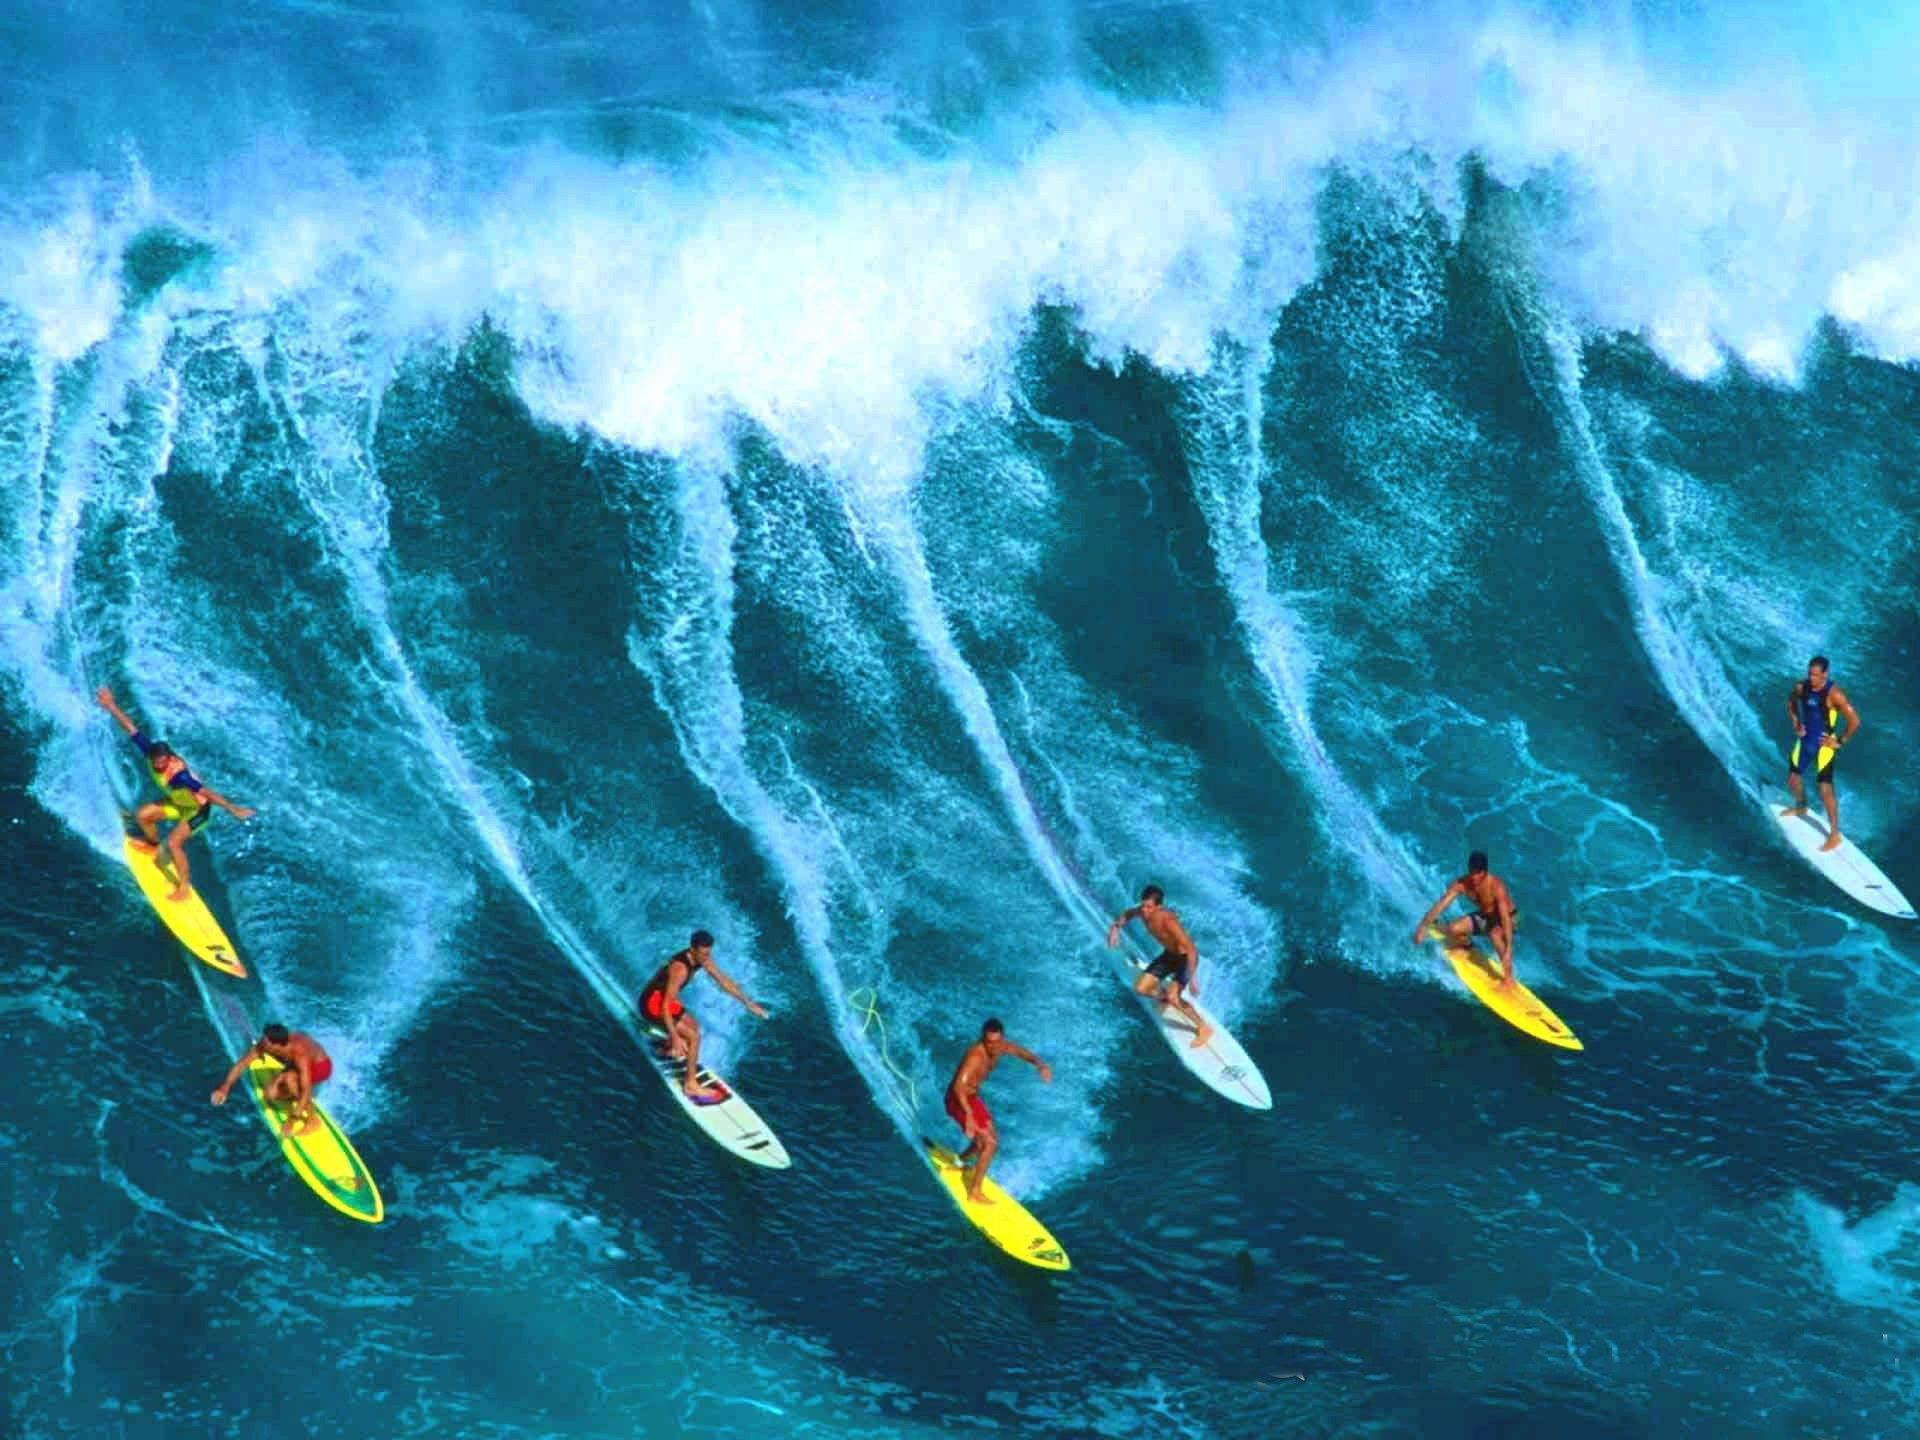 【暑假】竹子学校、火山徒步、冲浪课程、海龟放养、出海浮潜、手工技艺——巴厘岛自然探索之旅